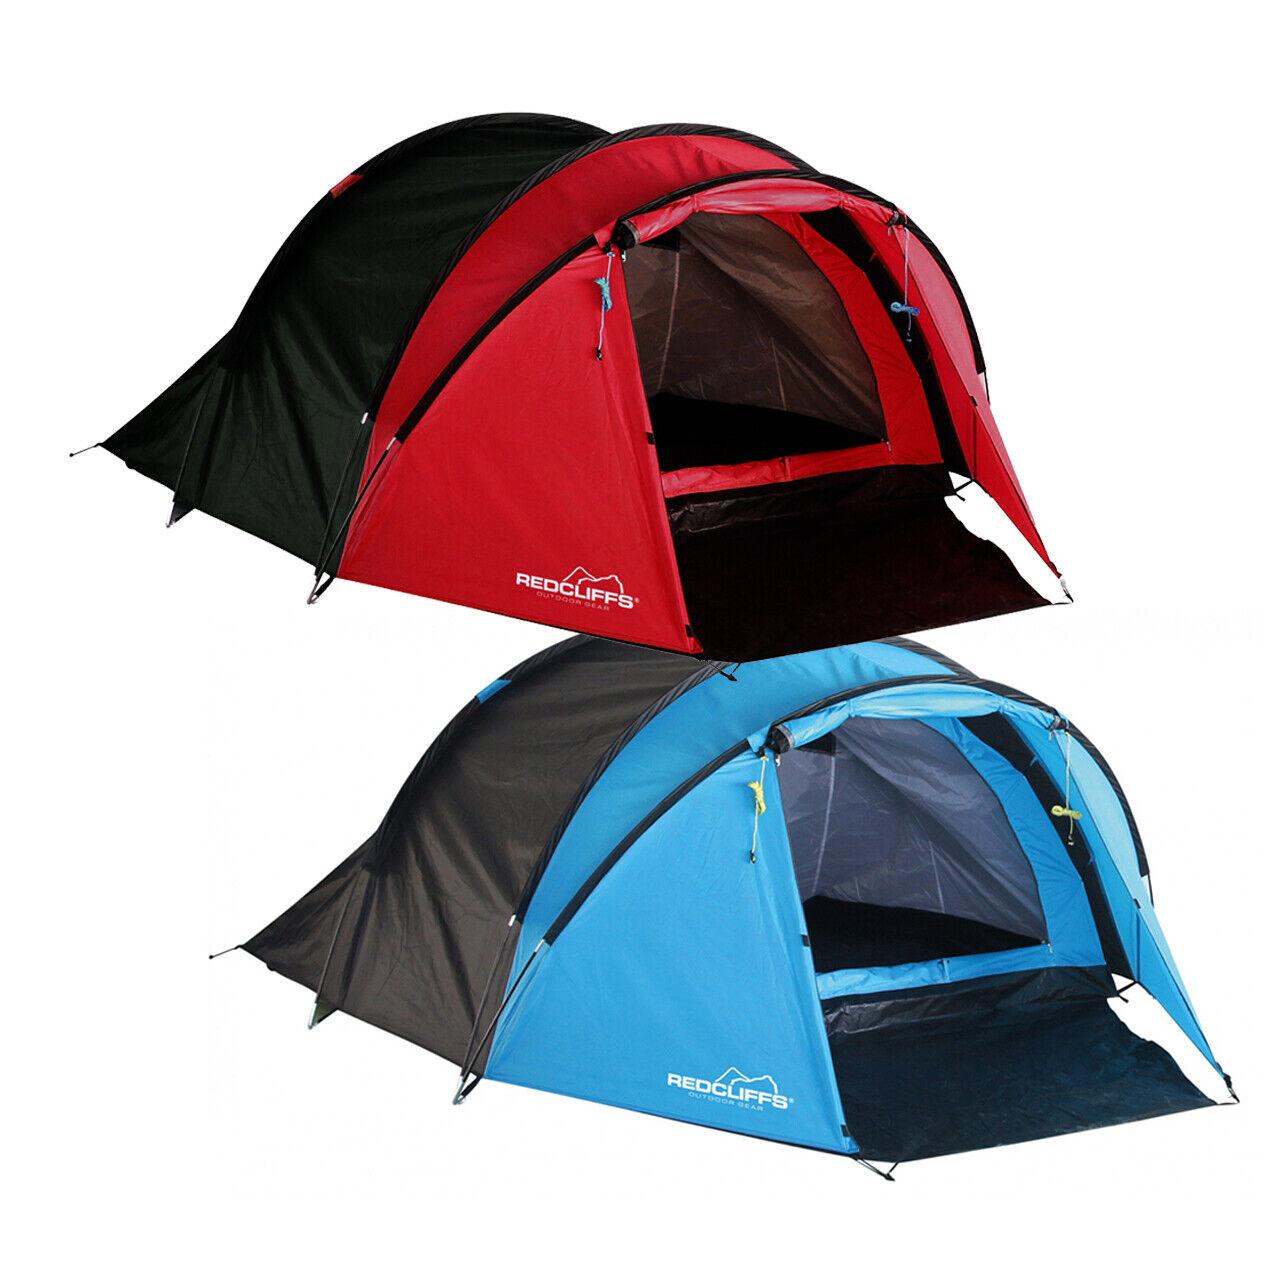 Zelt Zelt Zelt für 2 Personen in Rot oder Blau 64c98a